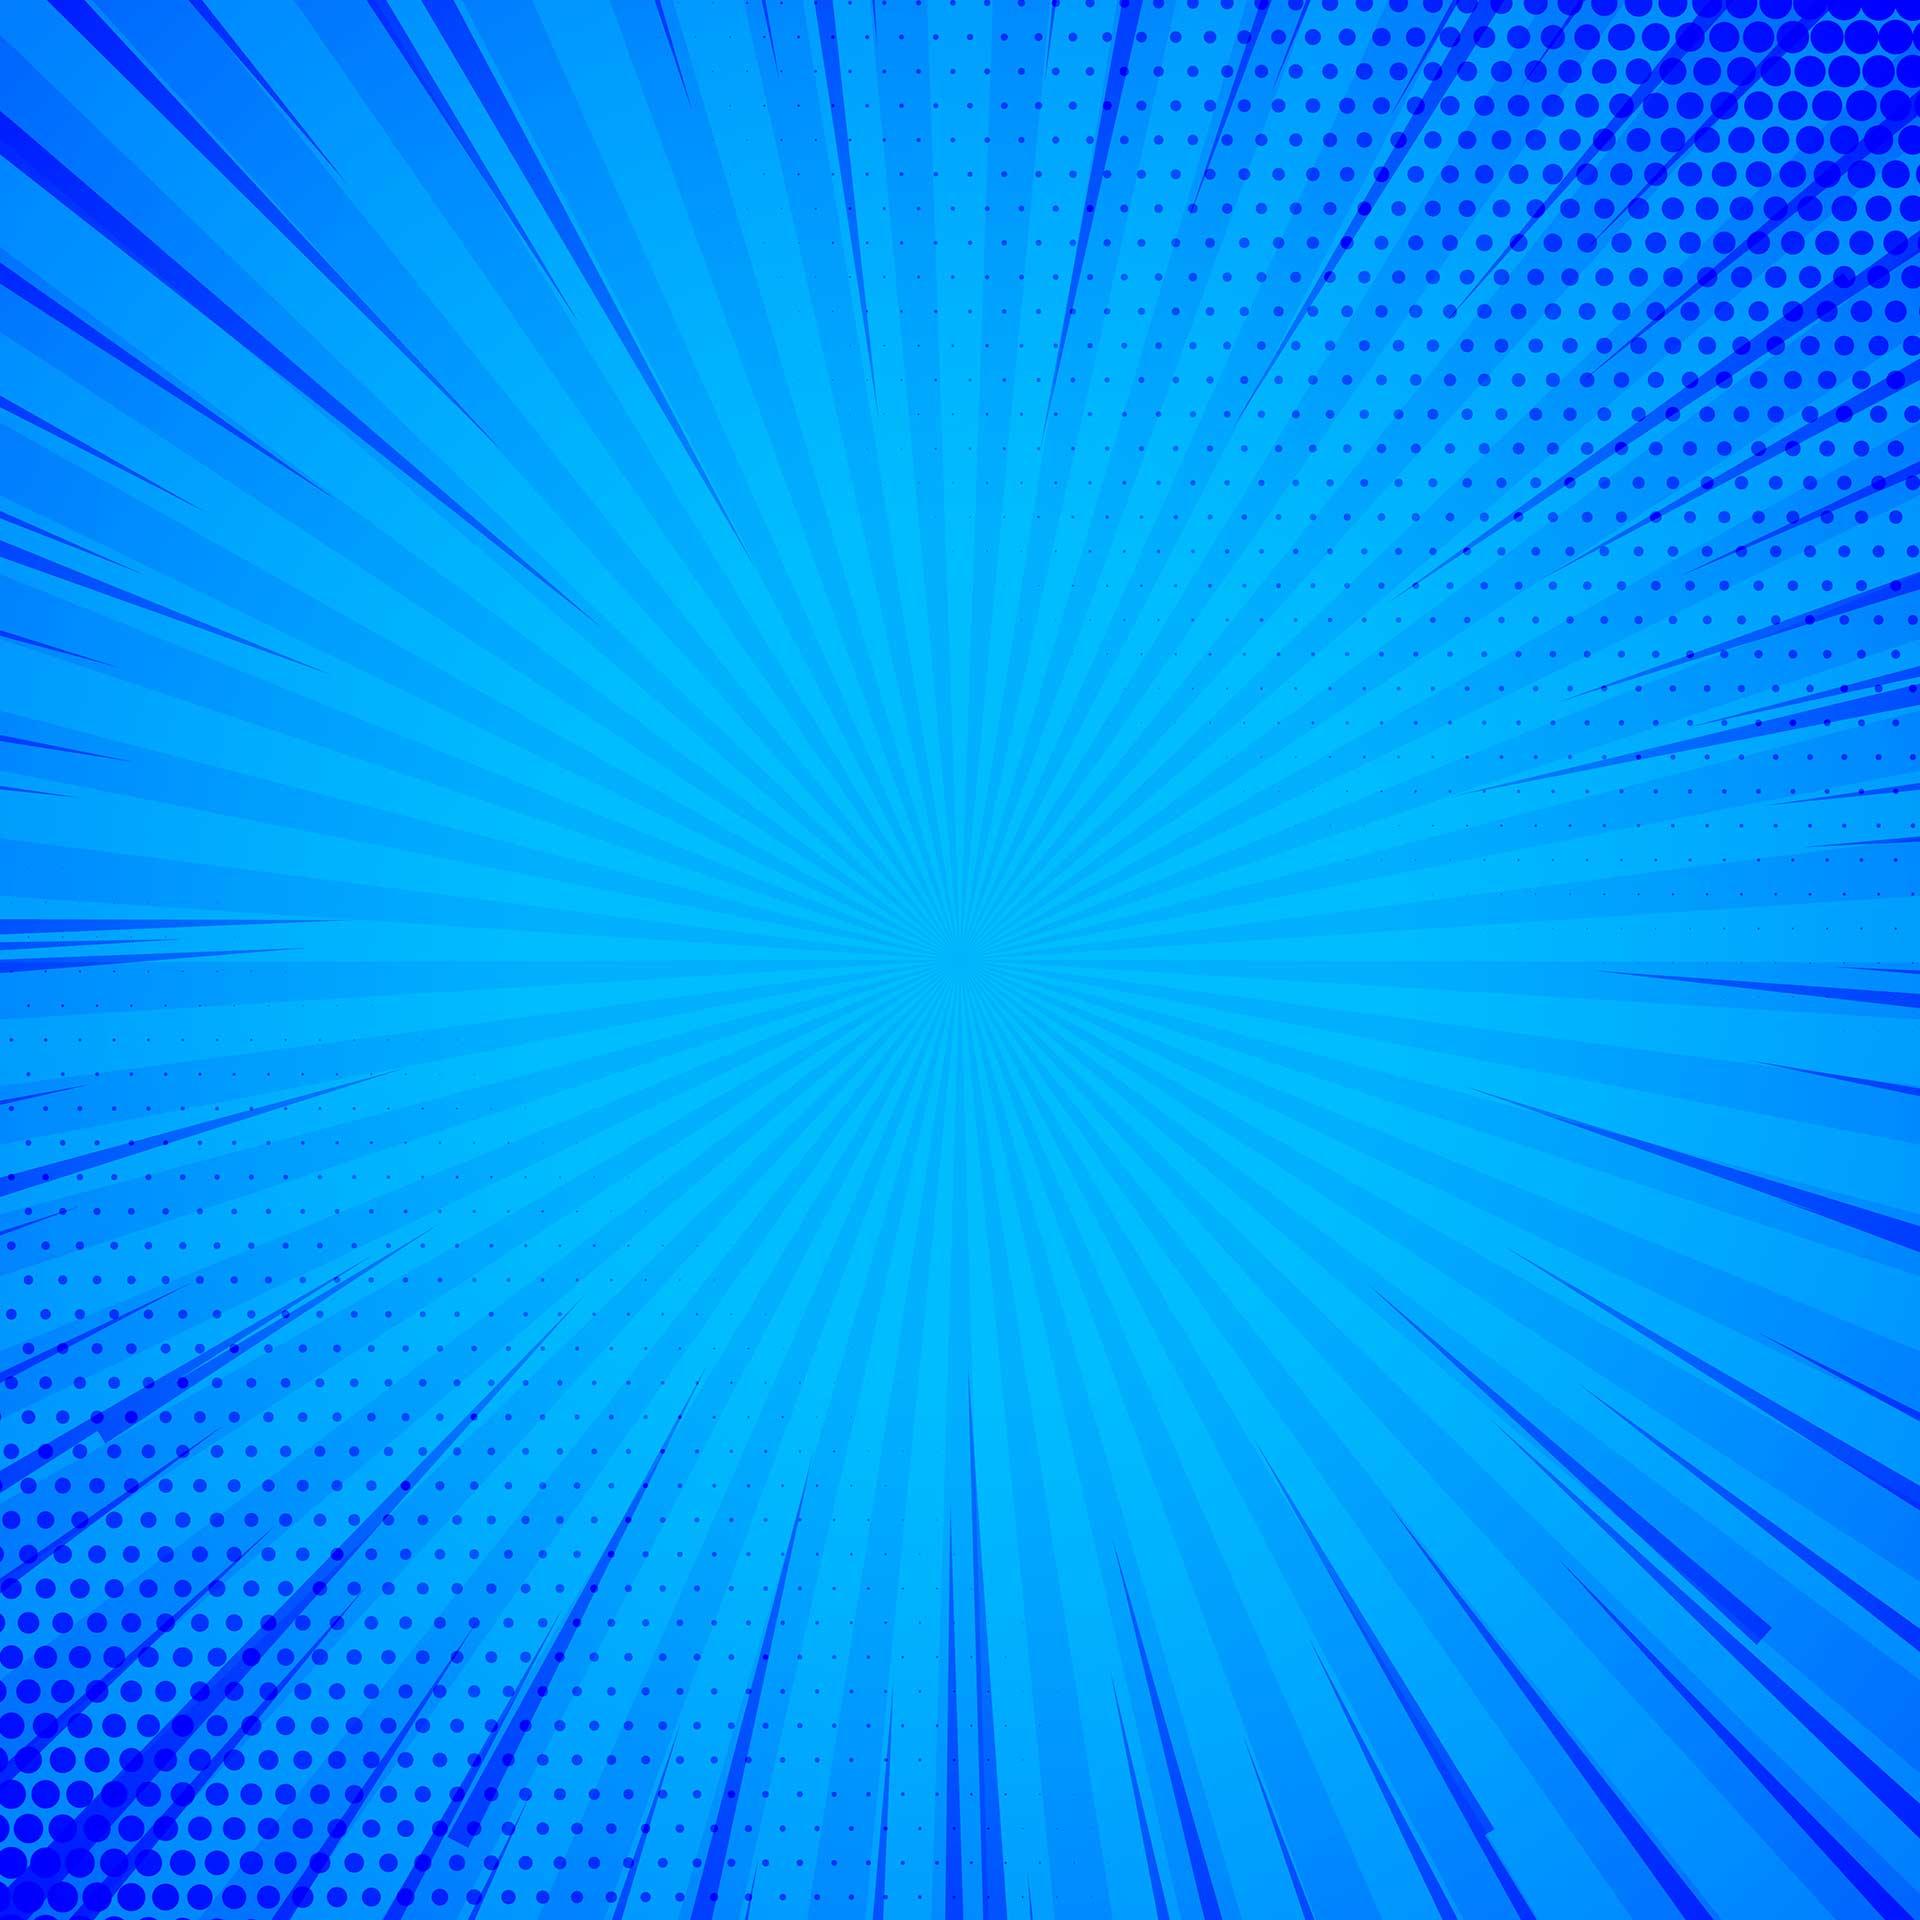 azul_1920